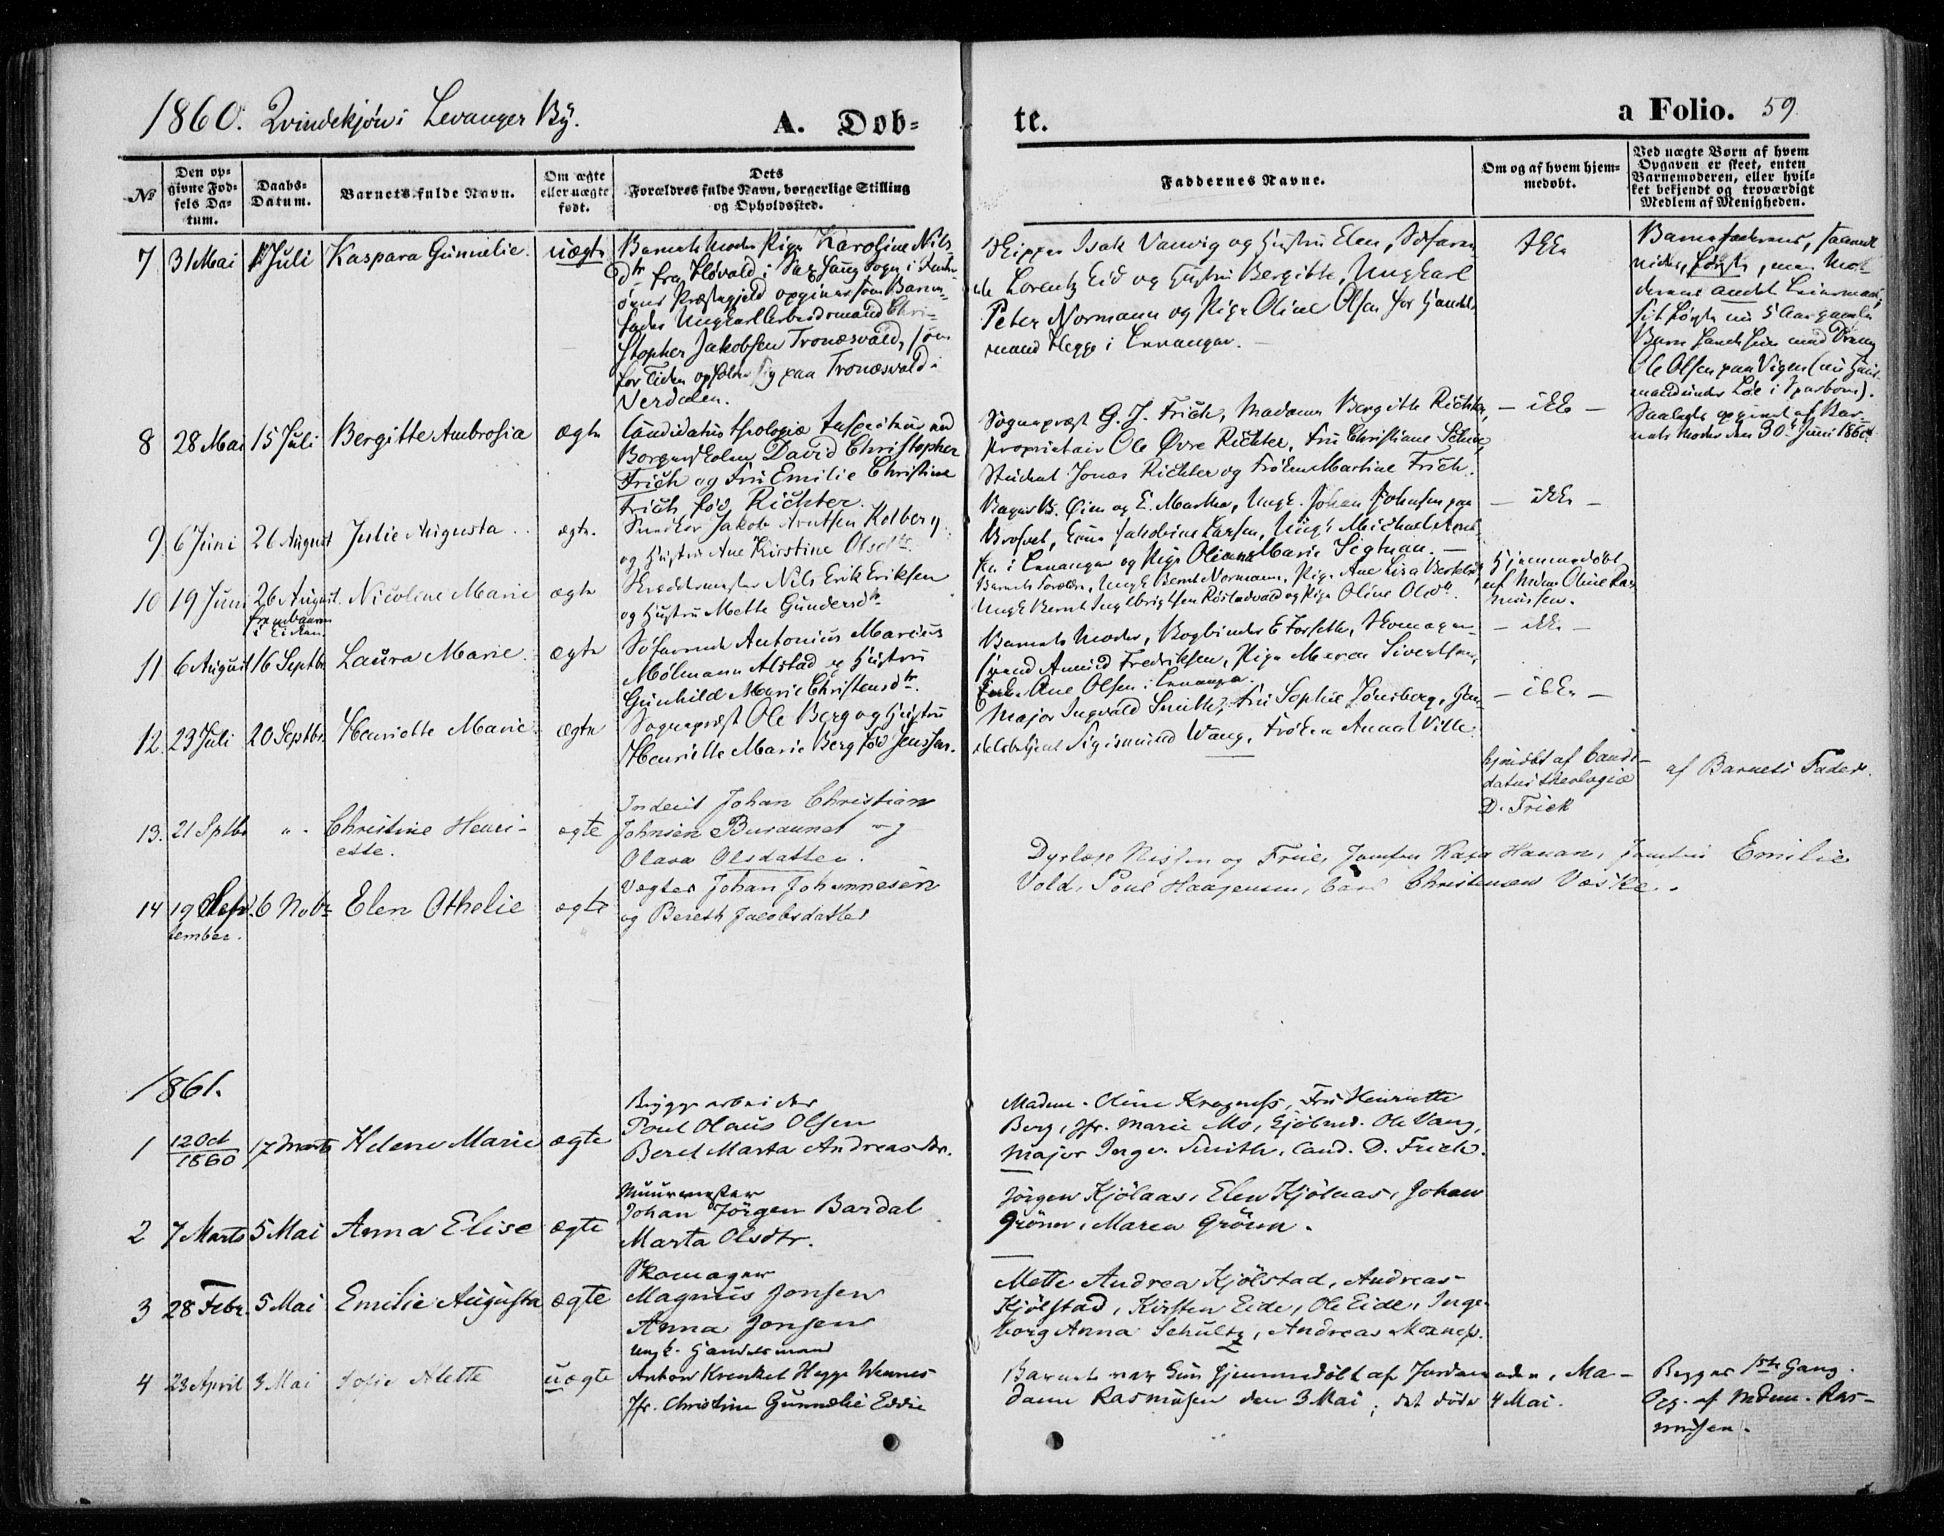 SAT, Ministerialprotokoller, klokkerbøker og fødselsregistre - Nord-Trøndelag, 720/L0184: Ministerialbok nr. 720A02 /1, 1855-1863, s. 59